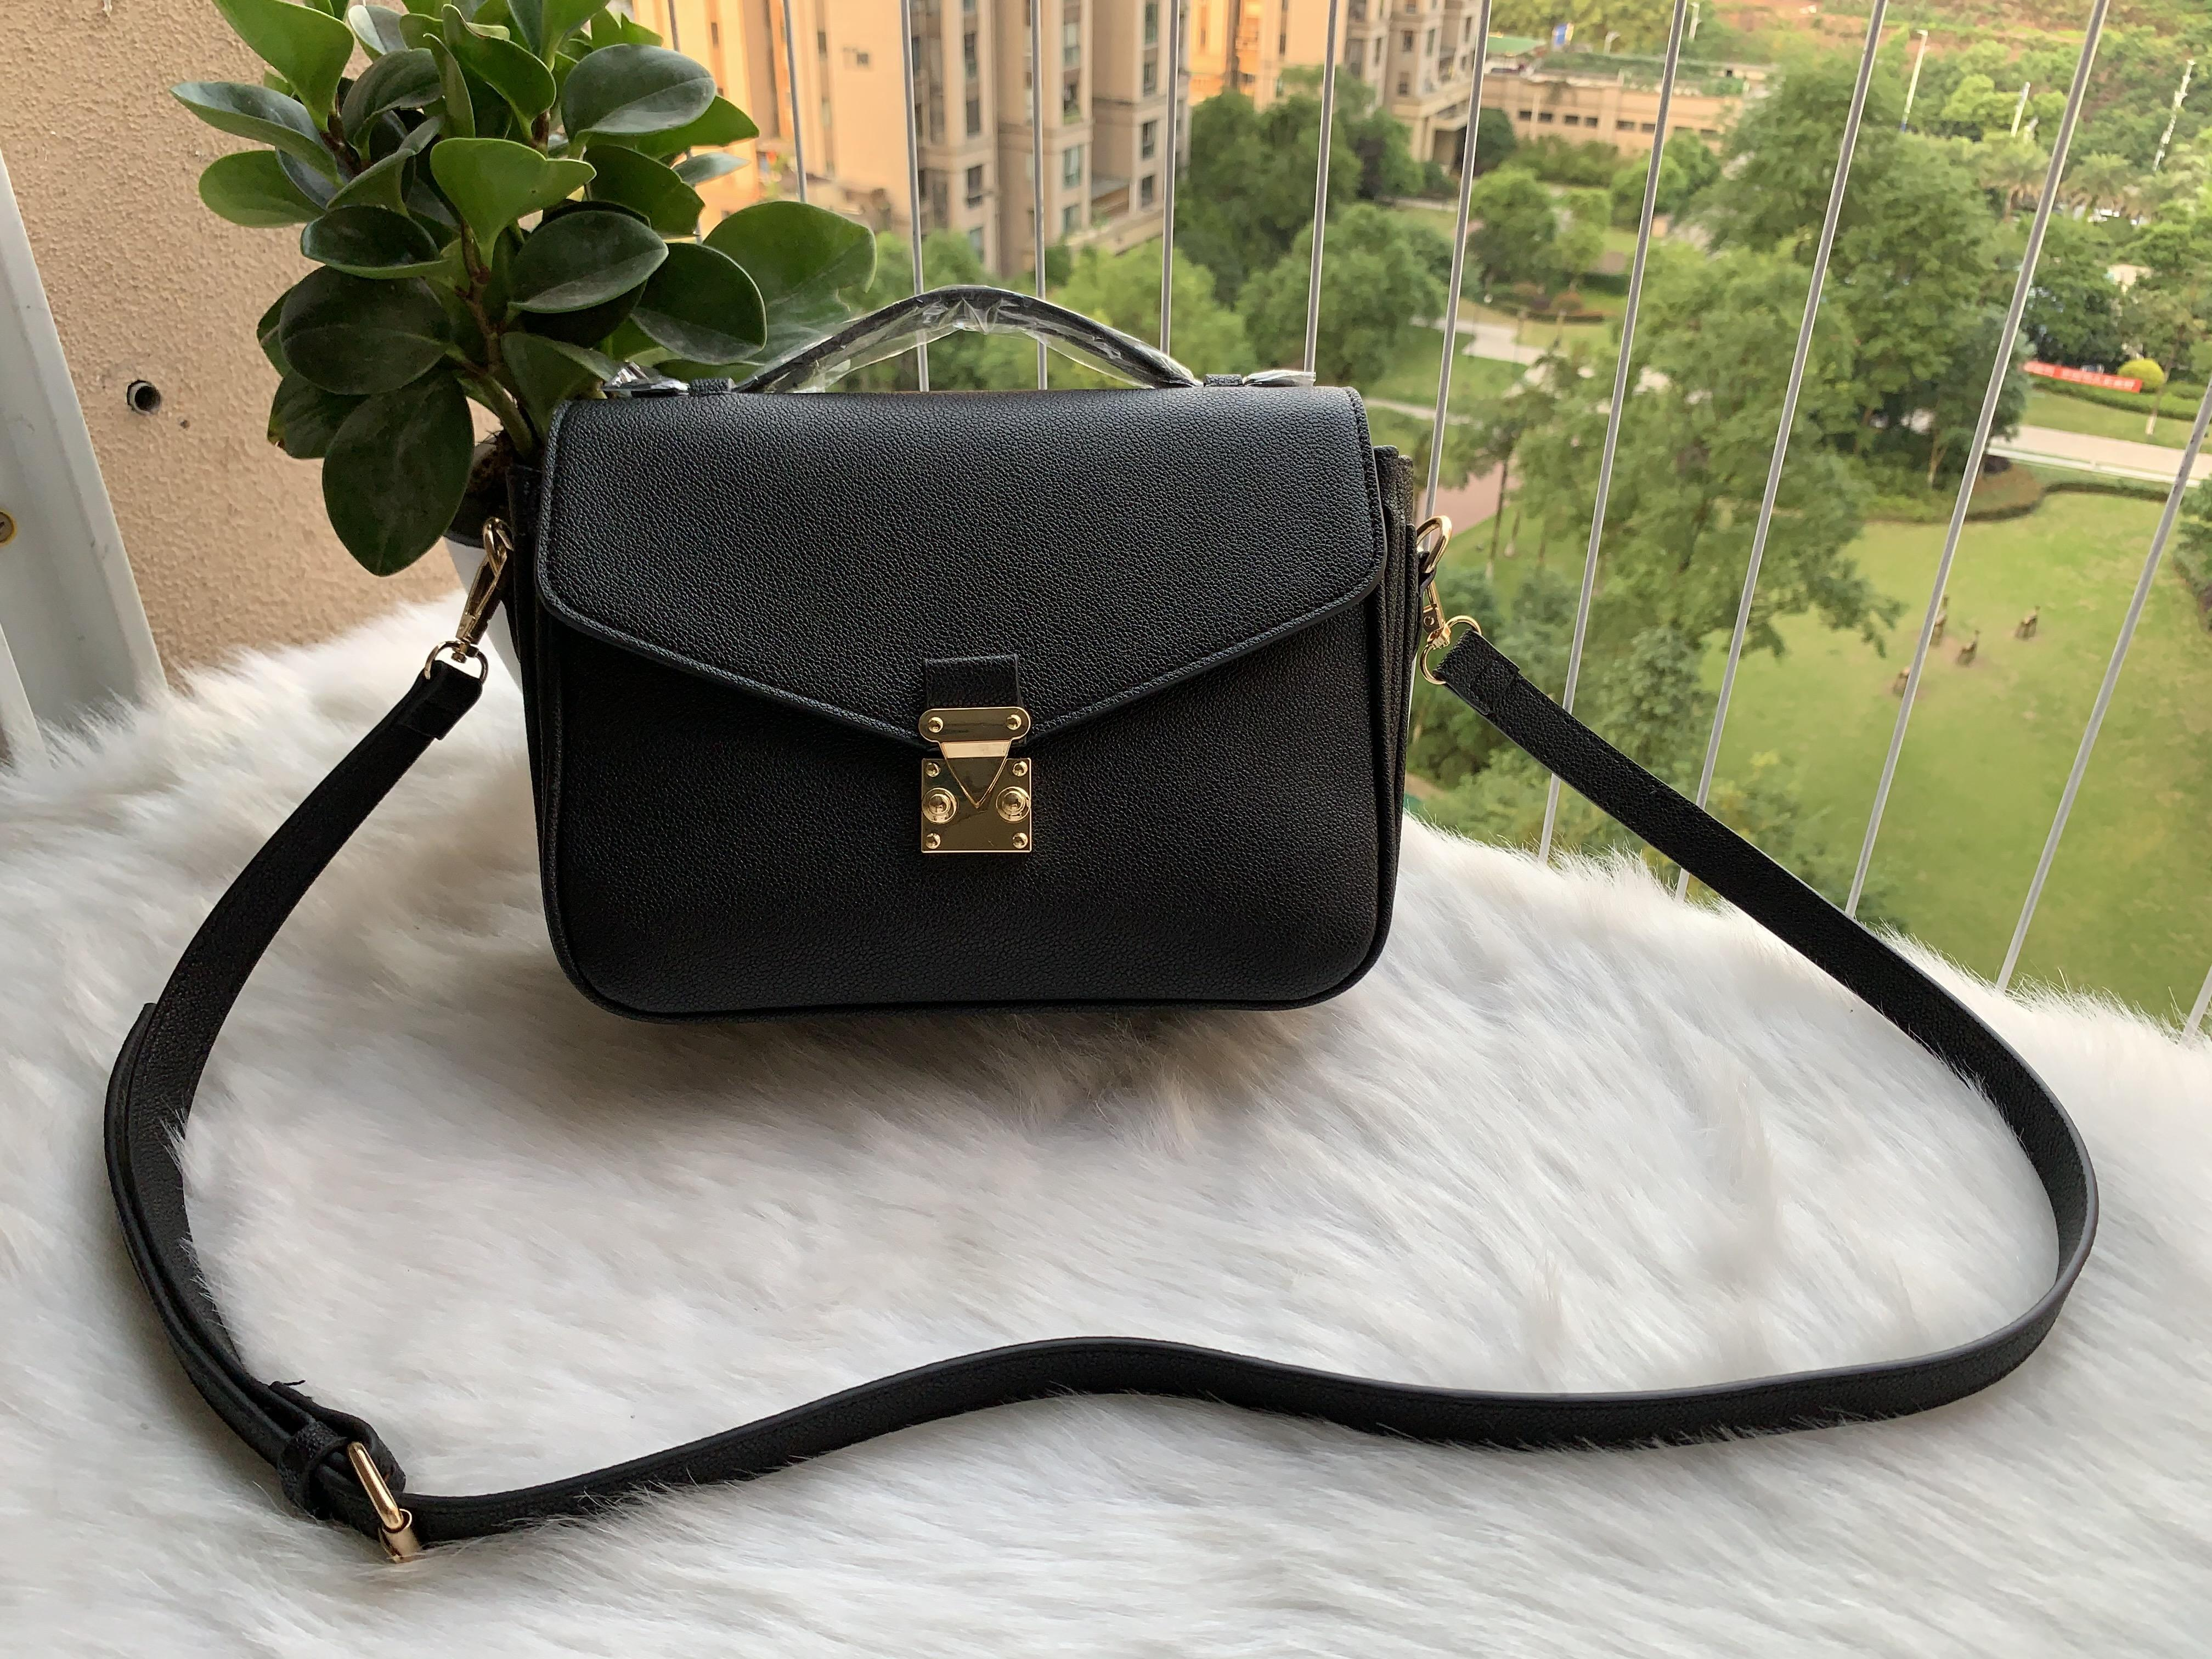 2019 TOP Moda Negro maquillaje bolso de la cadena del bolso del partido del bolso de hombro famoso Marmont mujeres del diseñador Bolsas gratuito shiopping